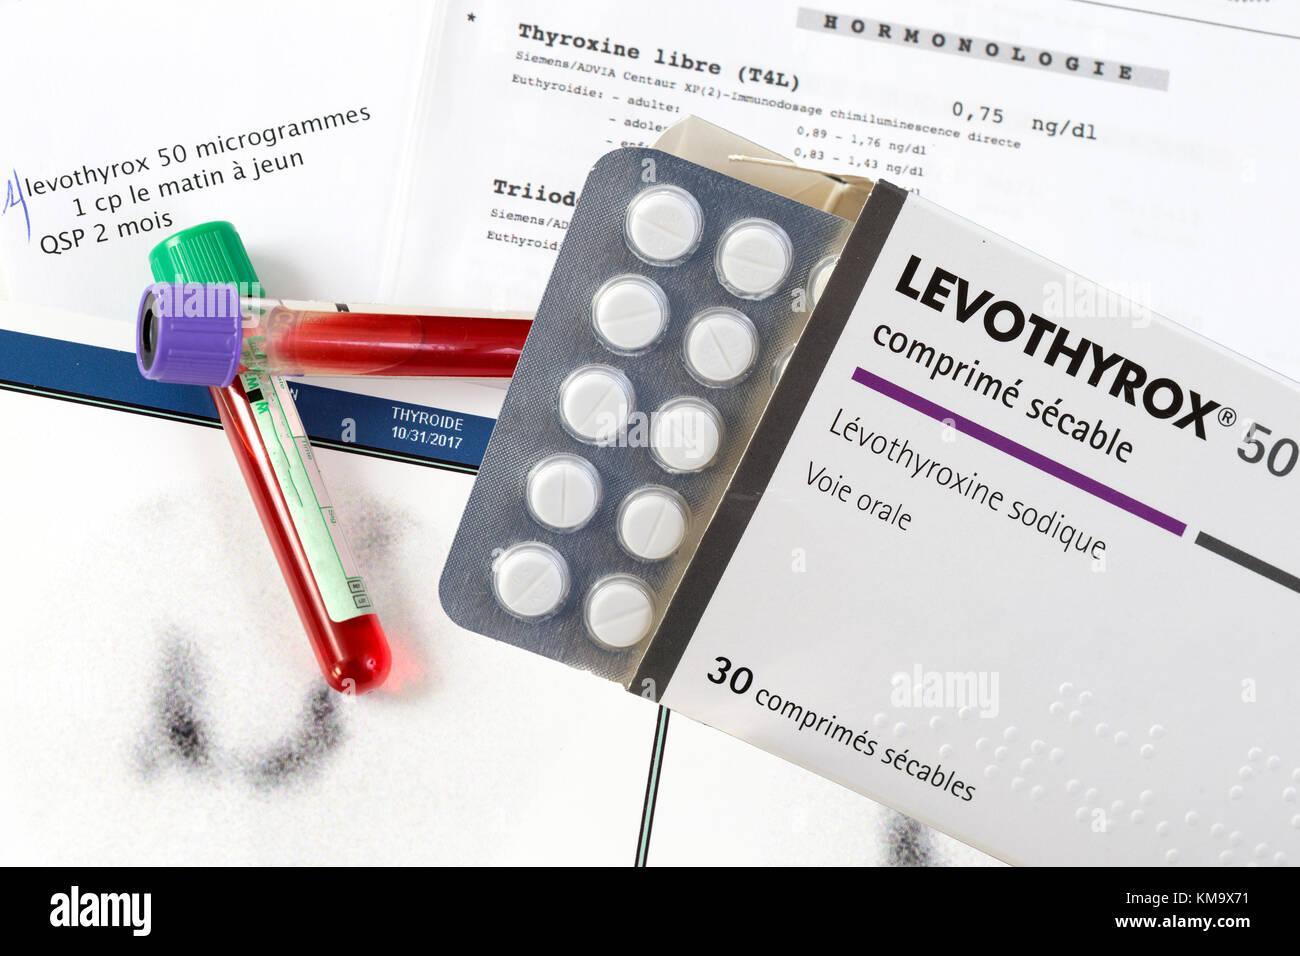 Estradiol Blood Testing